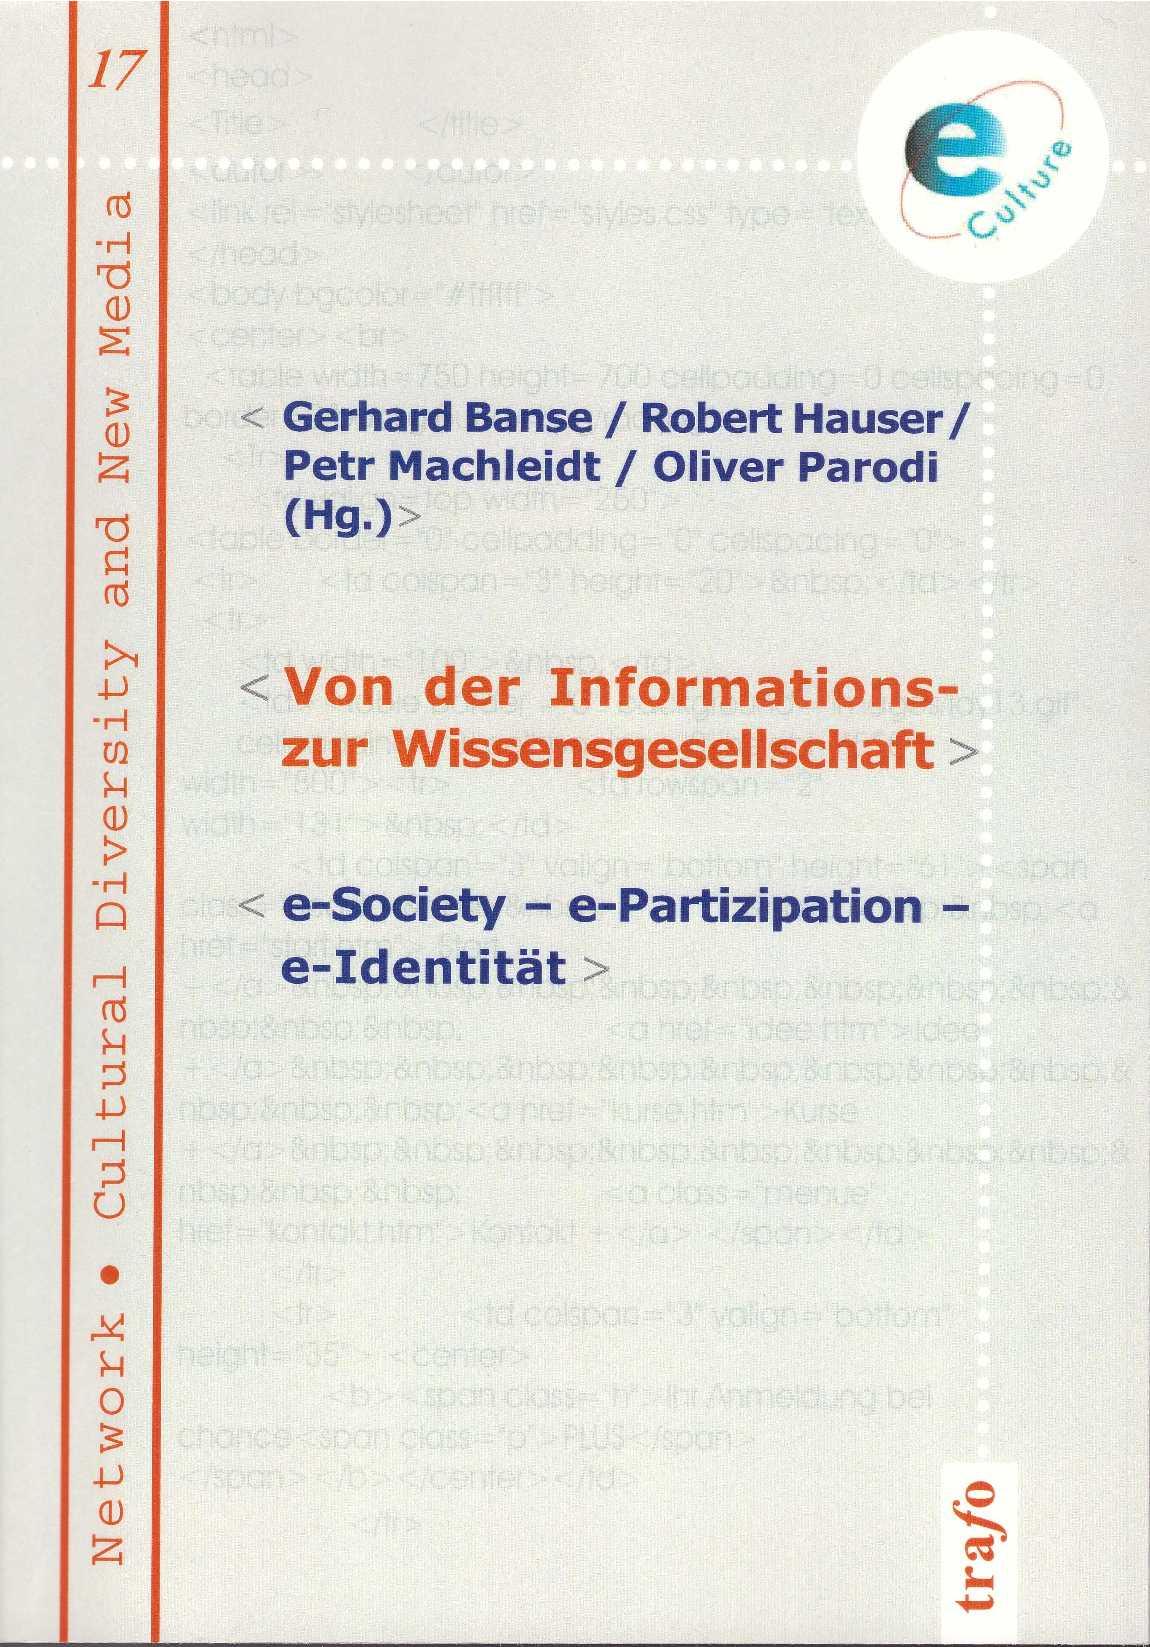 Titelseite Bd. 17